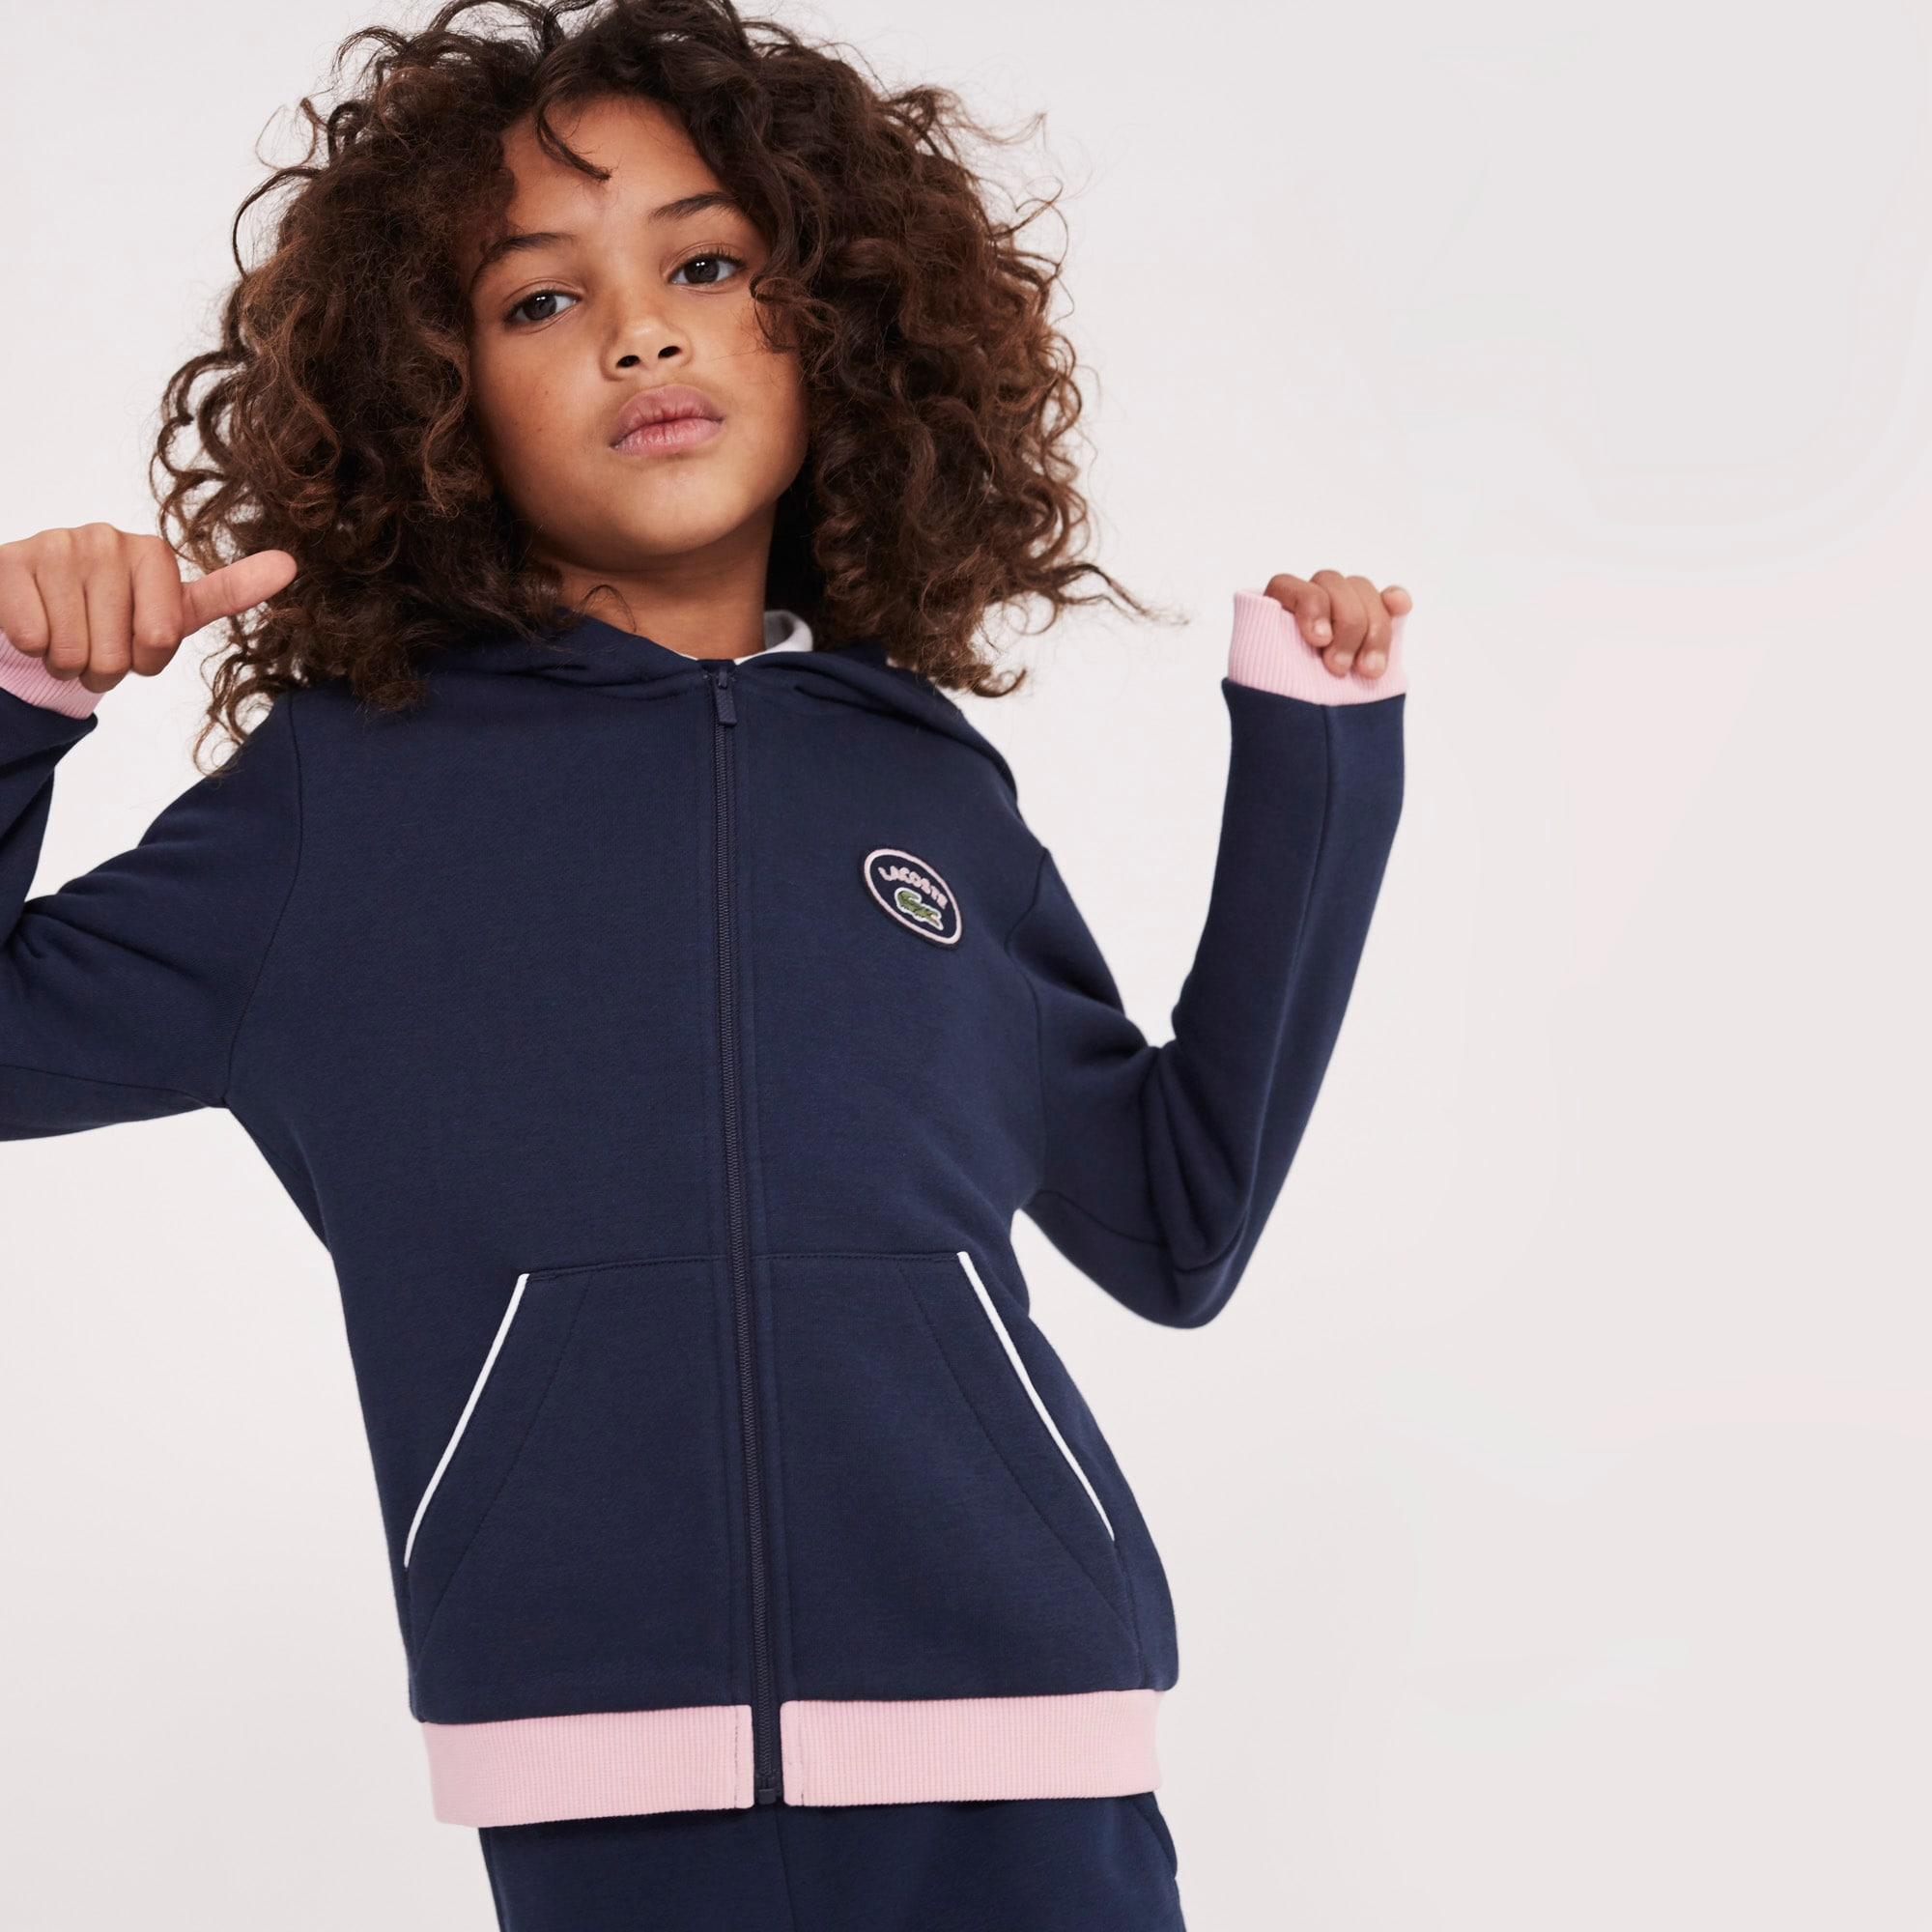 Sweatshirt meisjes fleece met capuchon, rits en contrasterende accenten